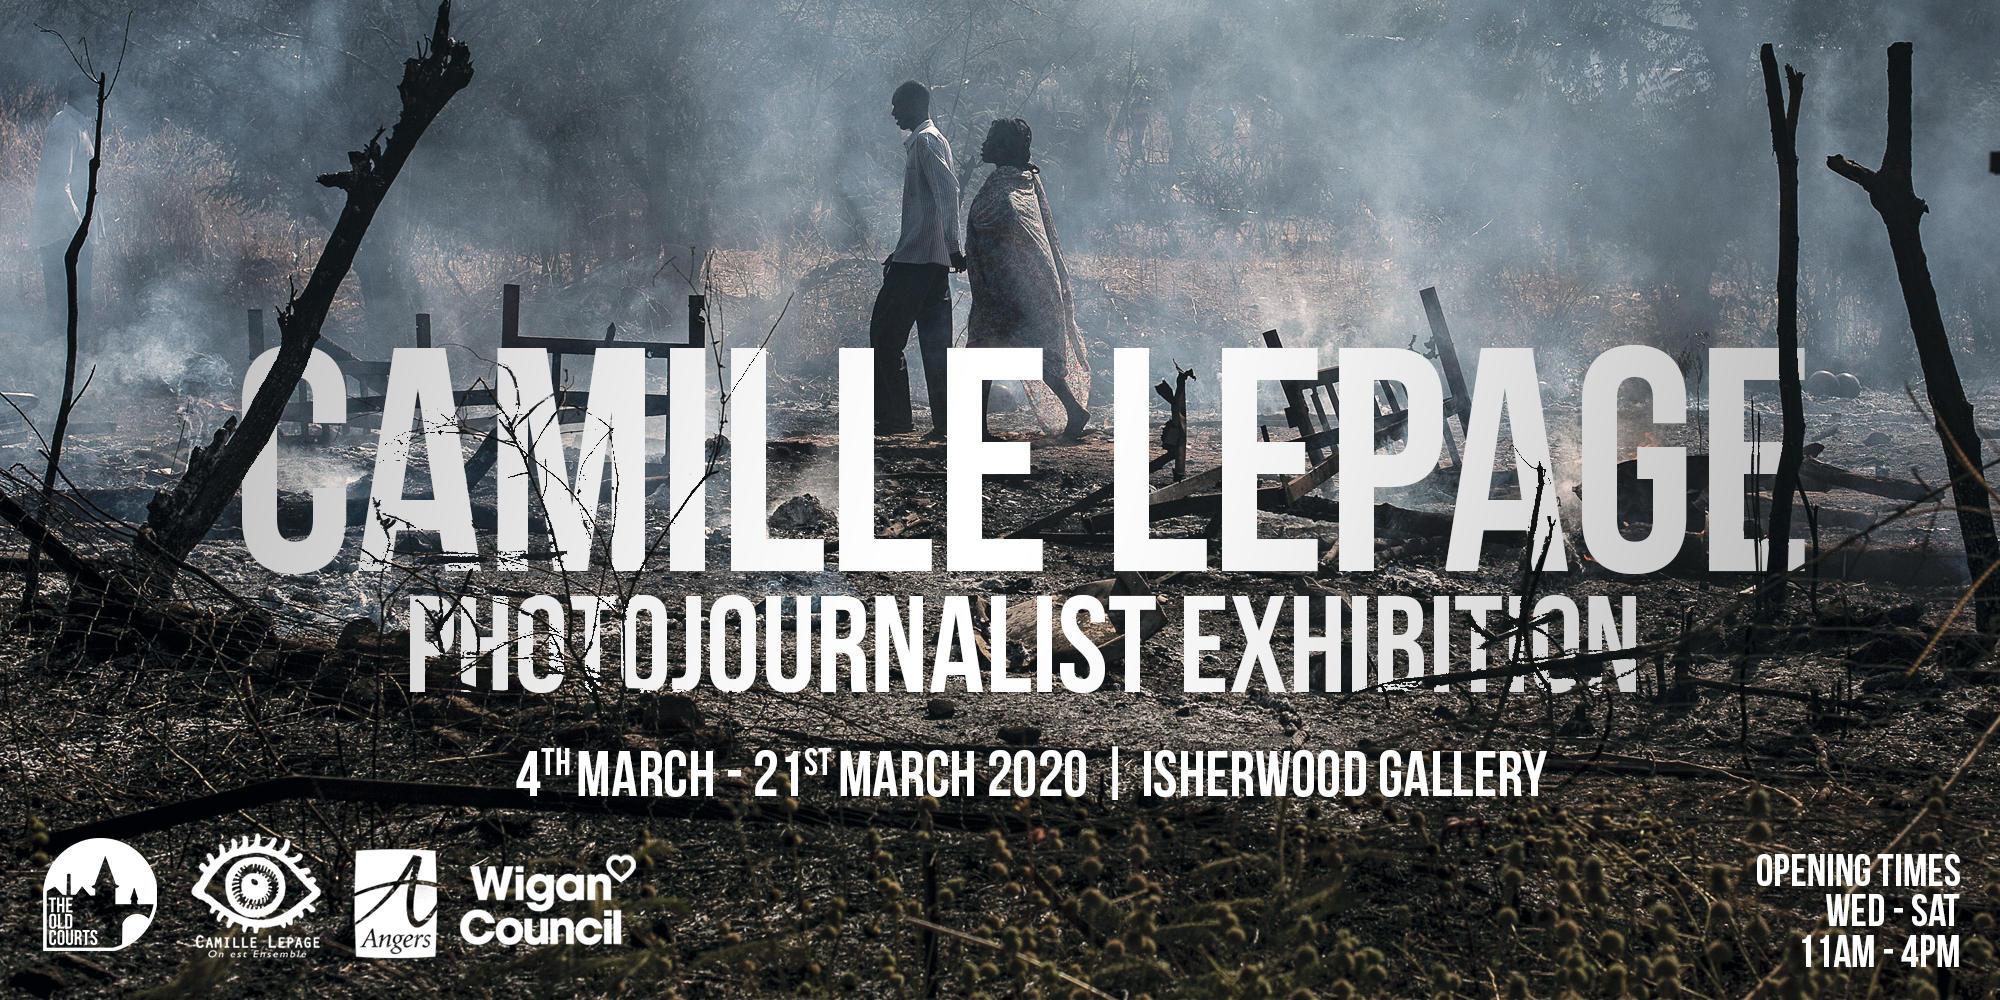 Wigan exhibition (U.K.)